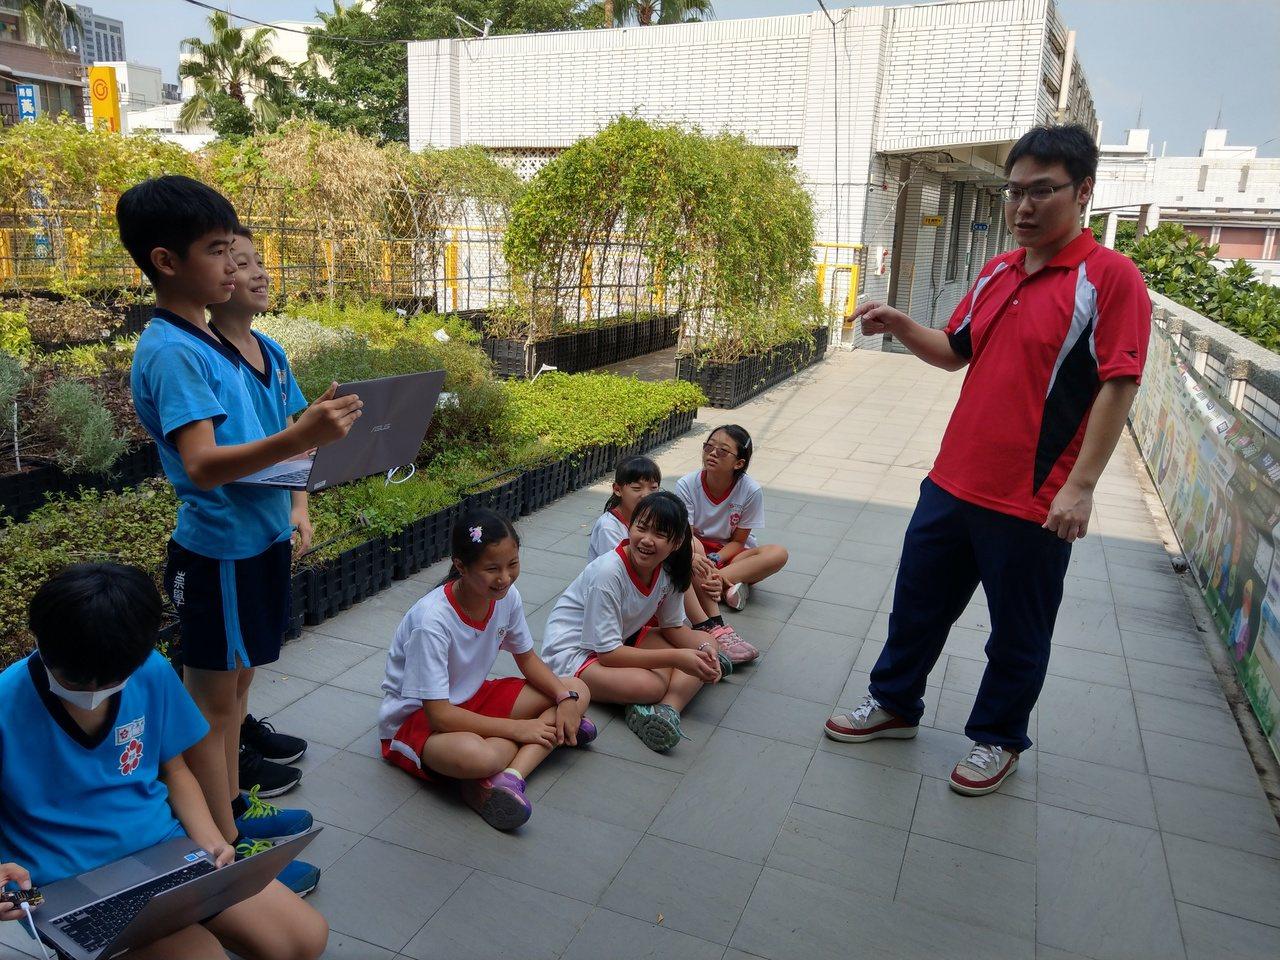 台南市崇學國小獲得教育部中小學行動學習推動計畫優良學校獎。圖/崇學國小提供